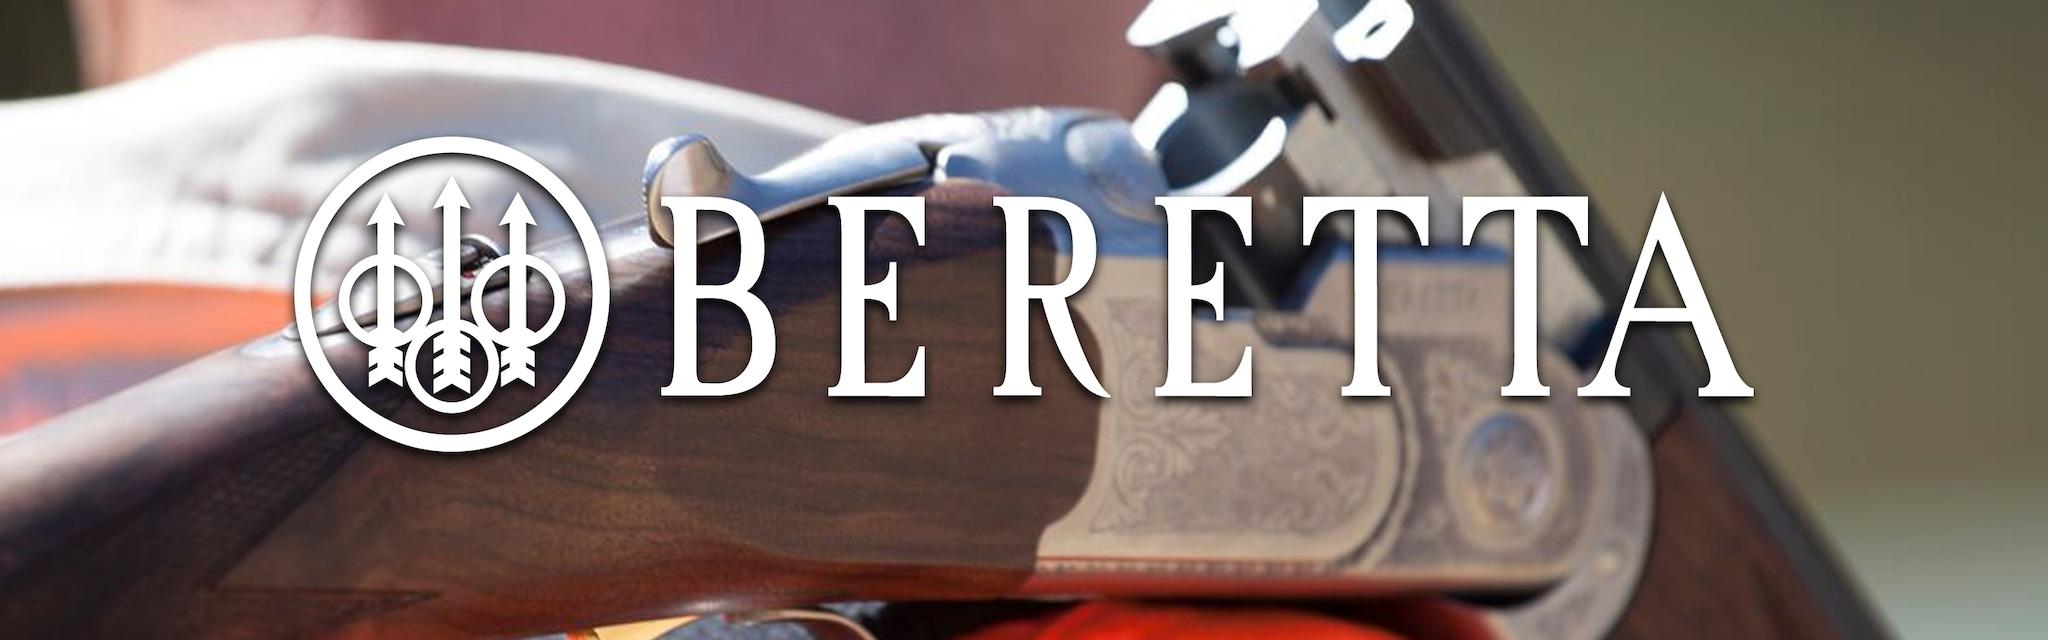 Beretta brand image